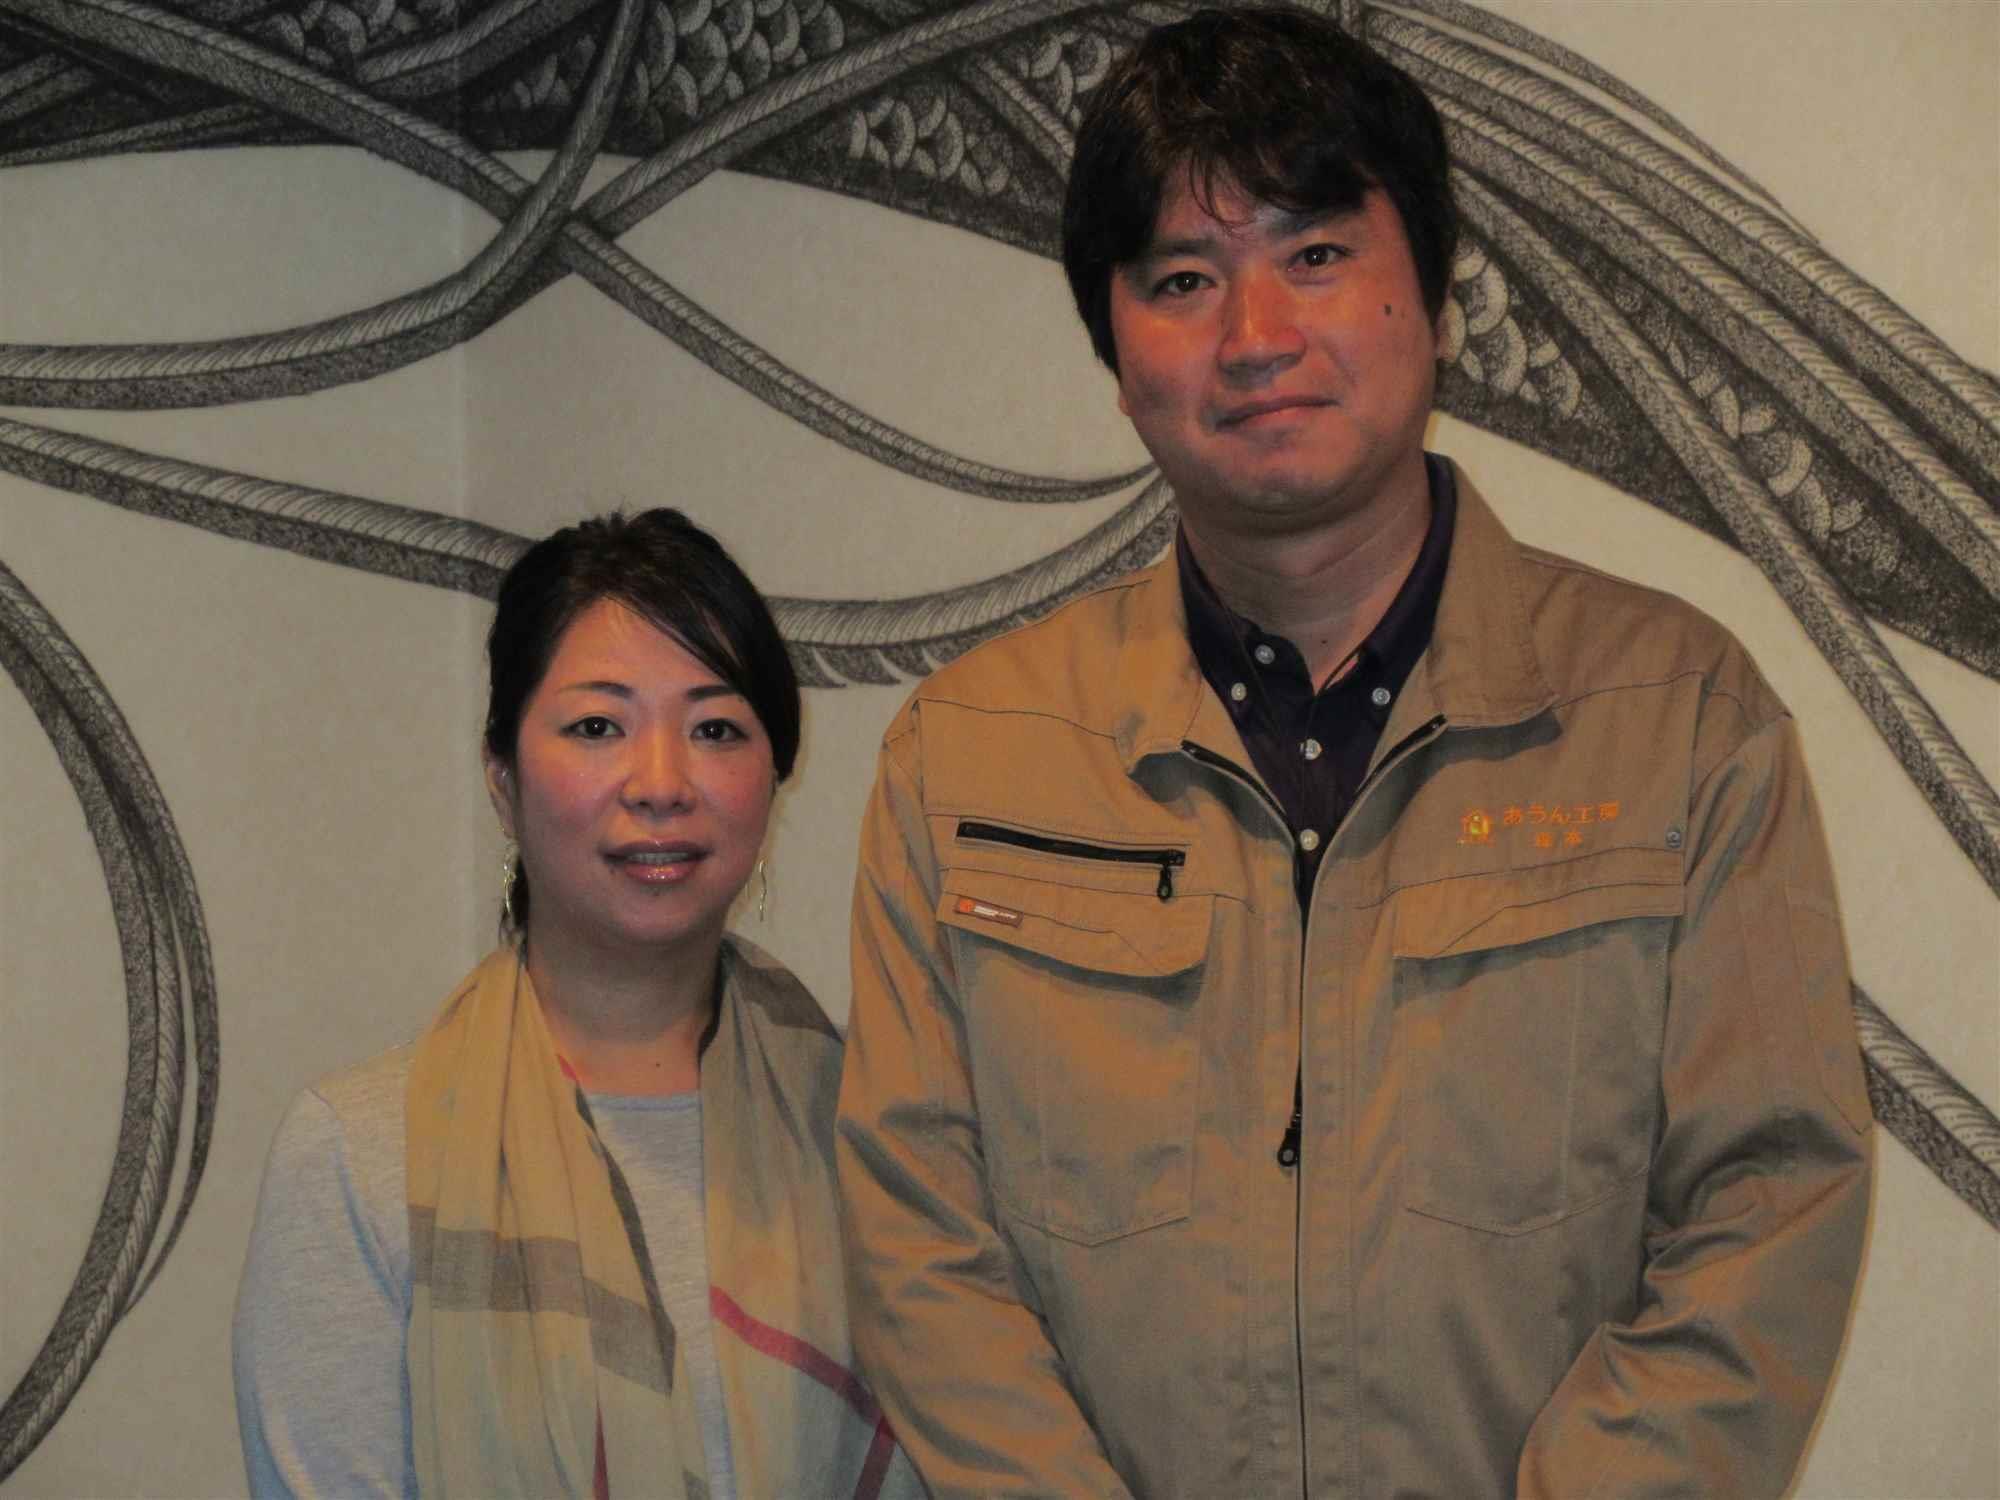 沖縄・那覇のリフォーム 実際のお客様の写真:知人のお話と森本さんの人柄です。